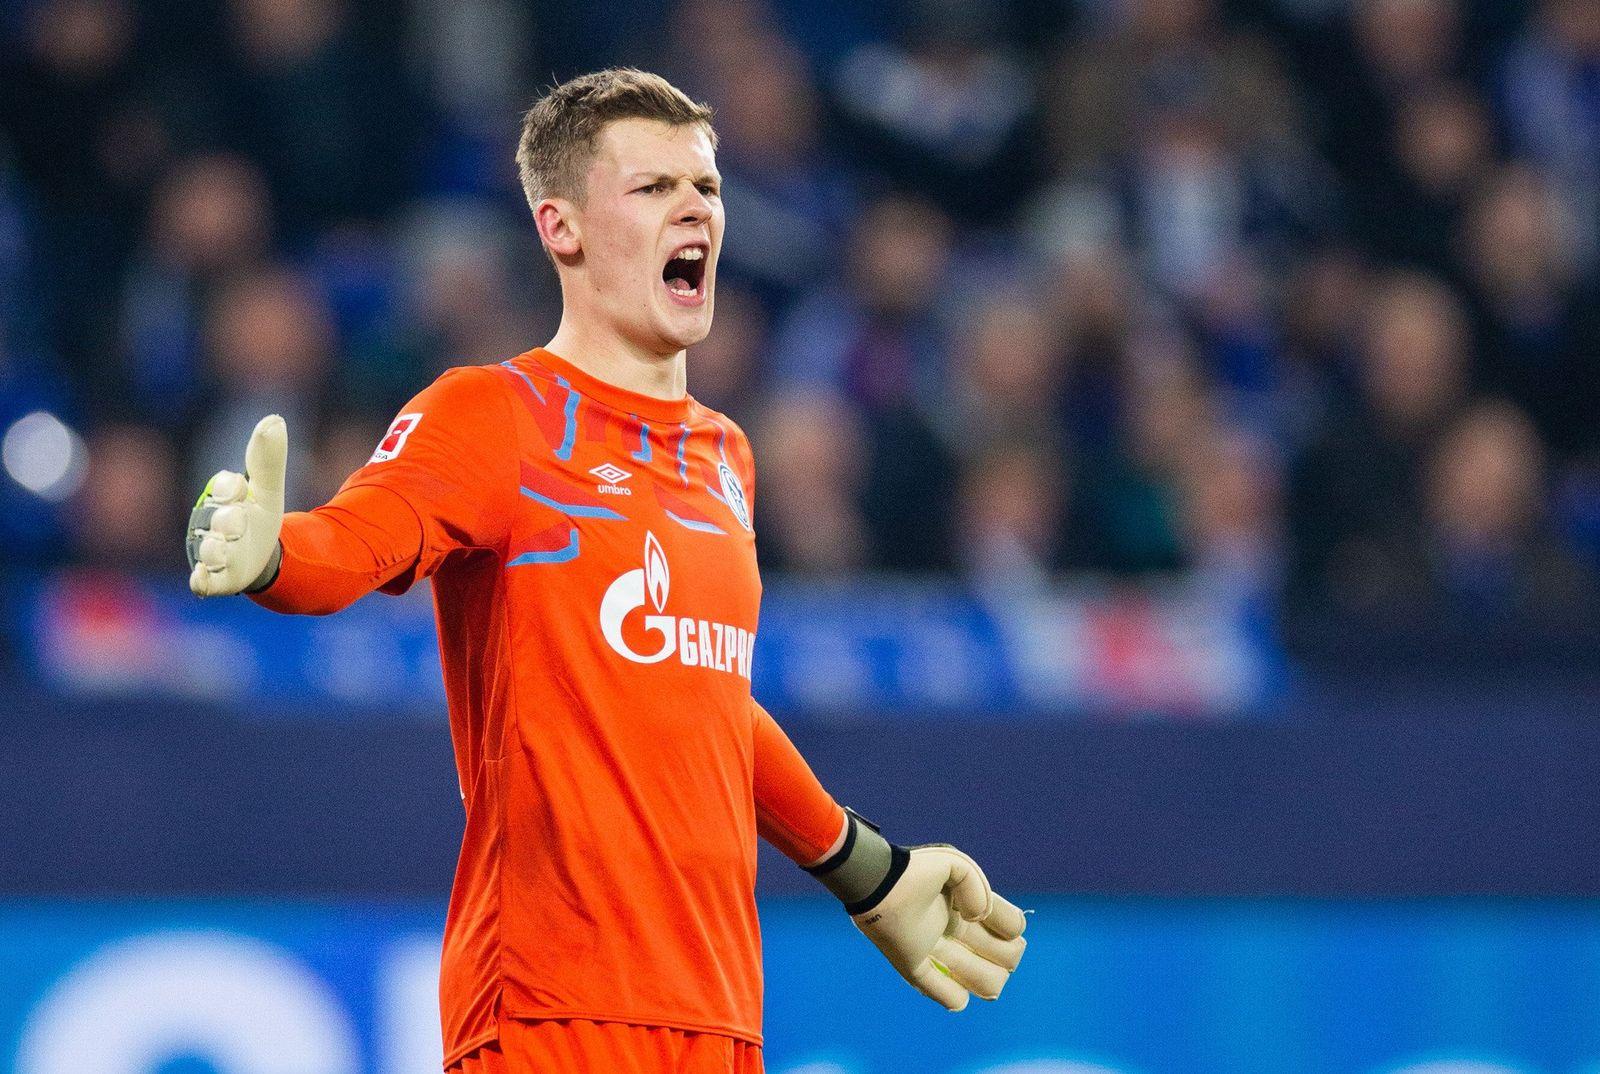 FC Schalke 04 - Torwart Alexander Nübel